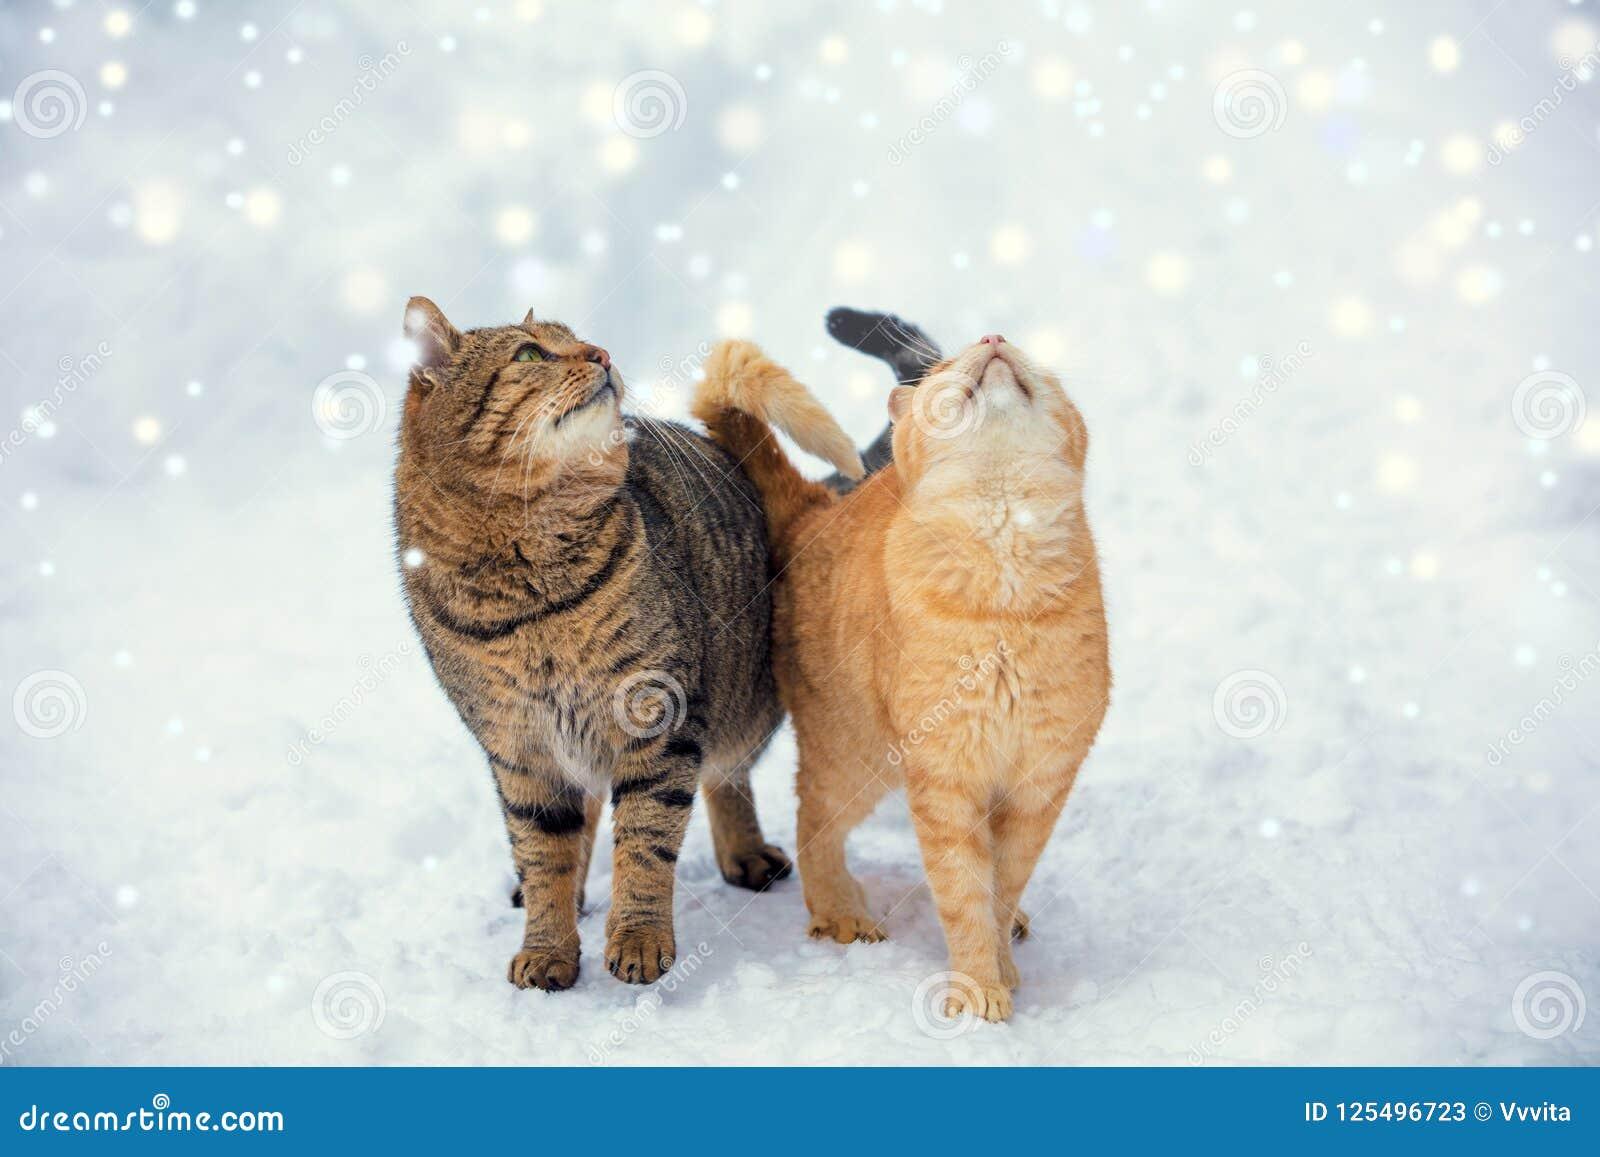 Paseo de dos gatos en nieve durante nevadas